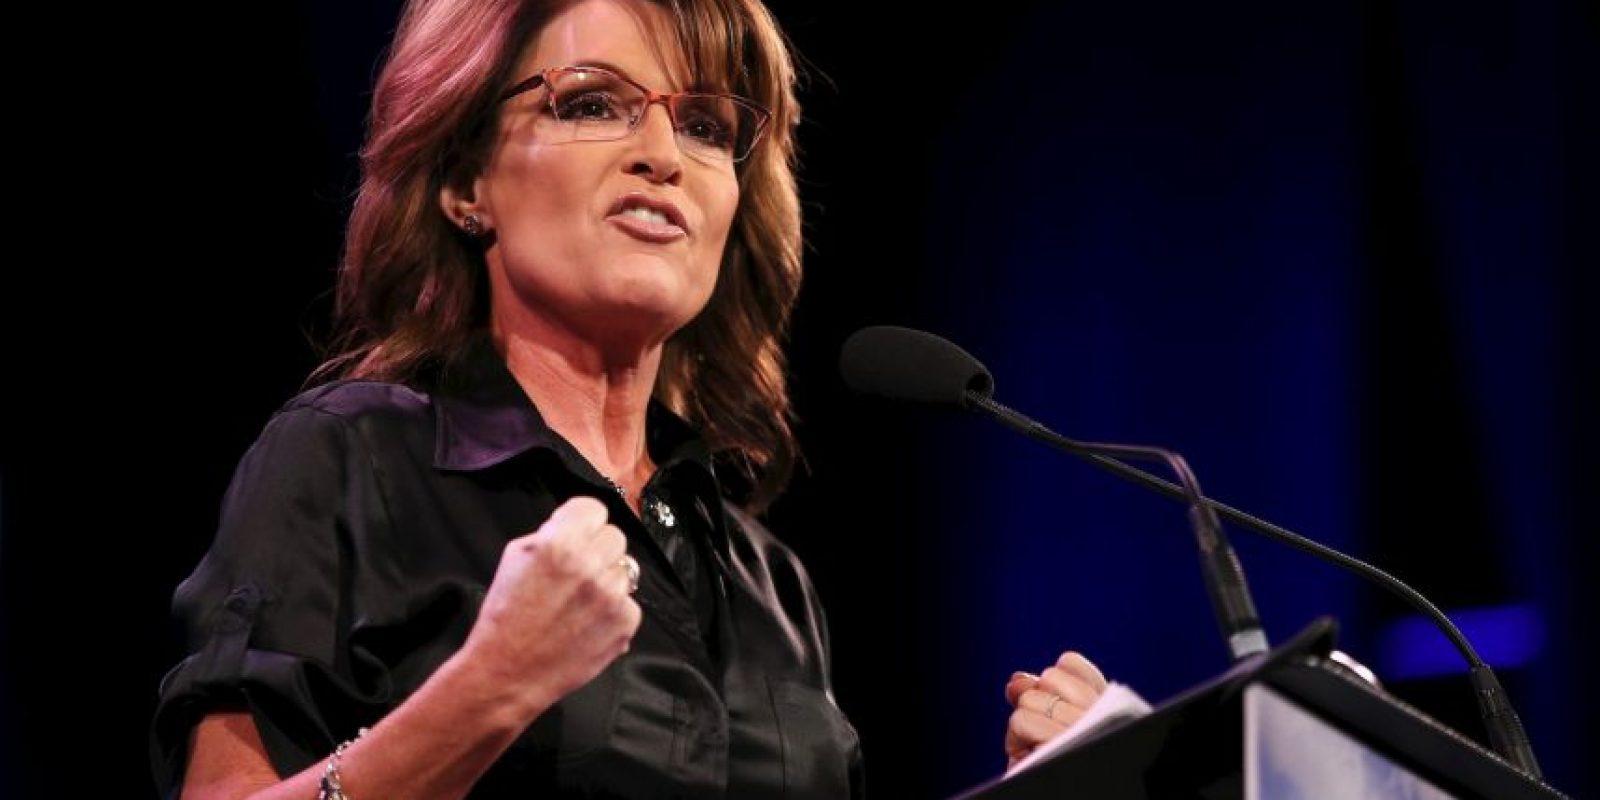 En 2008 competía por la Vicepresidencia junto a John McCain. Foto:Getty Images